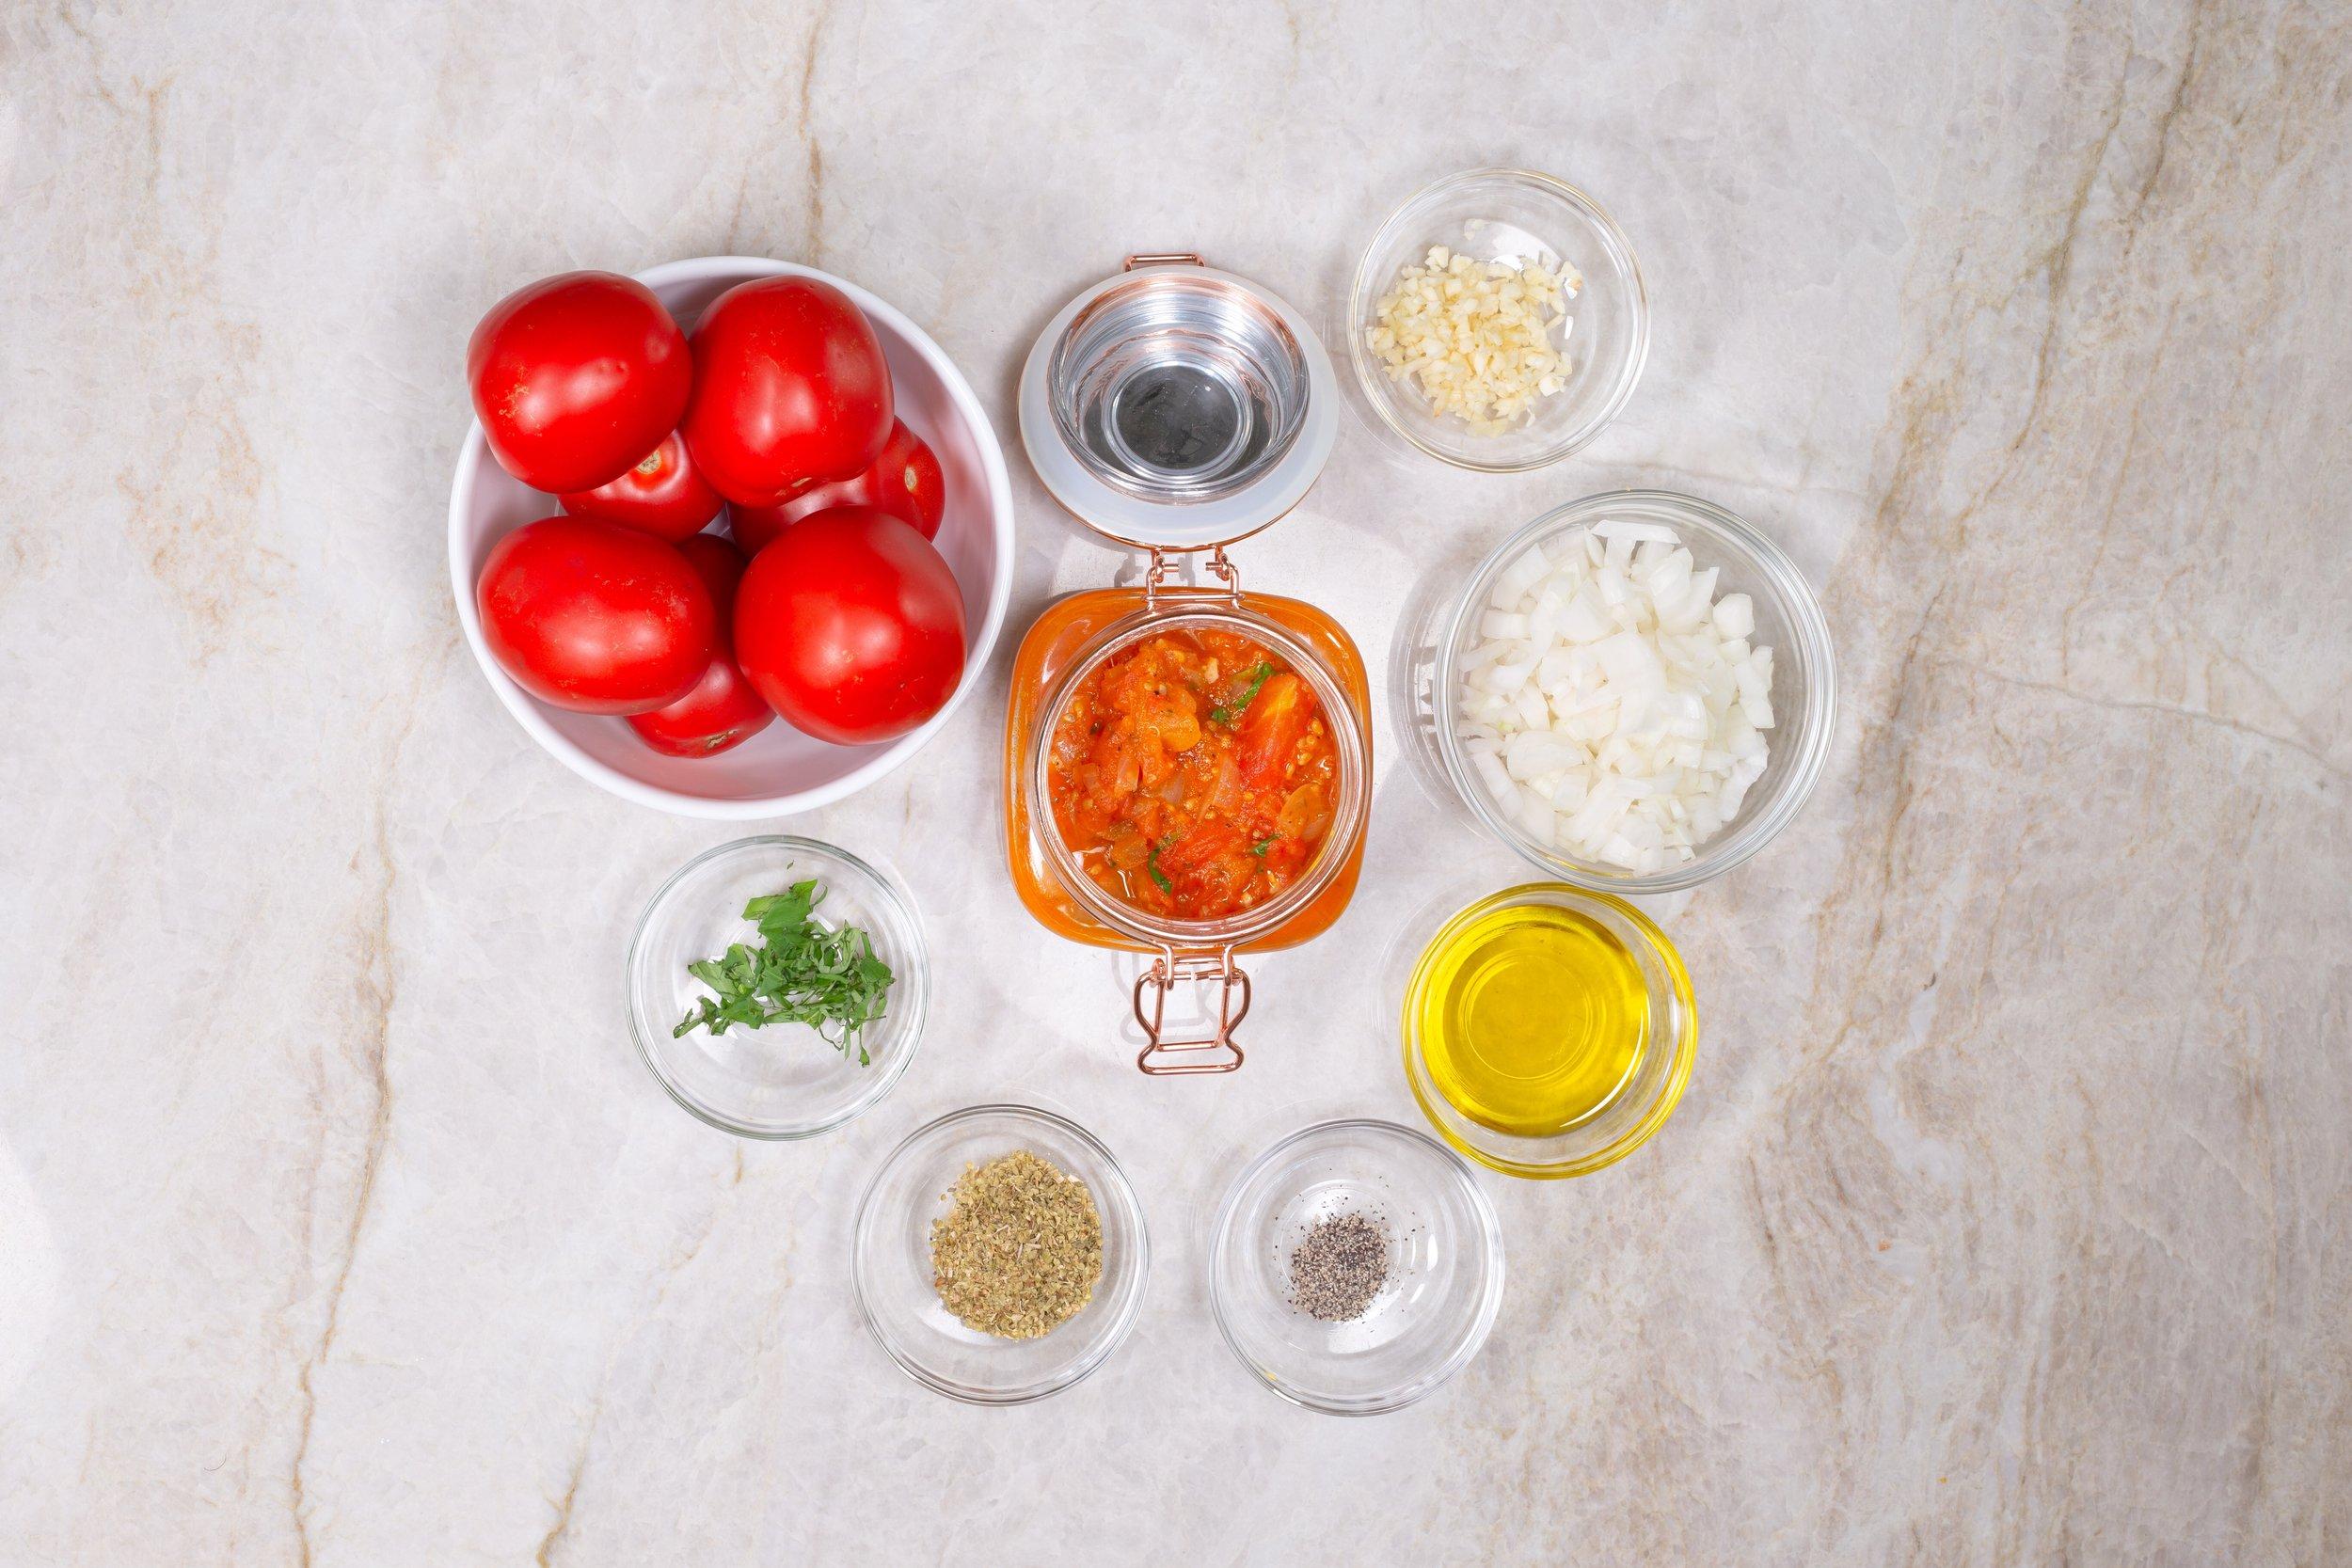 Karina Heinrich_Tomato Sauce Ingredients 2019.jpg